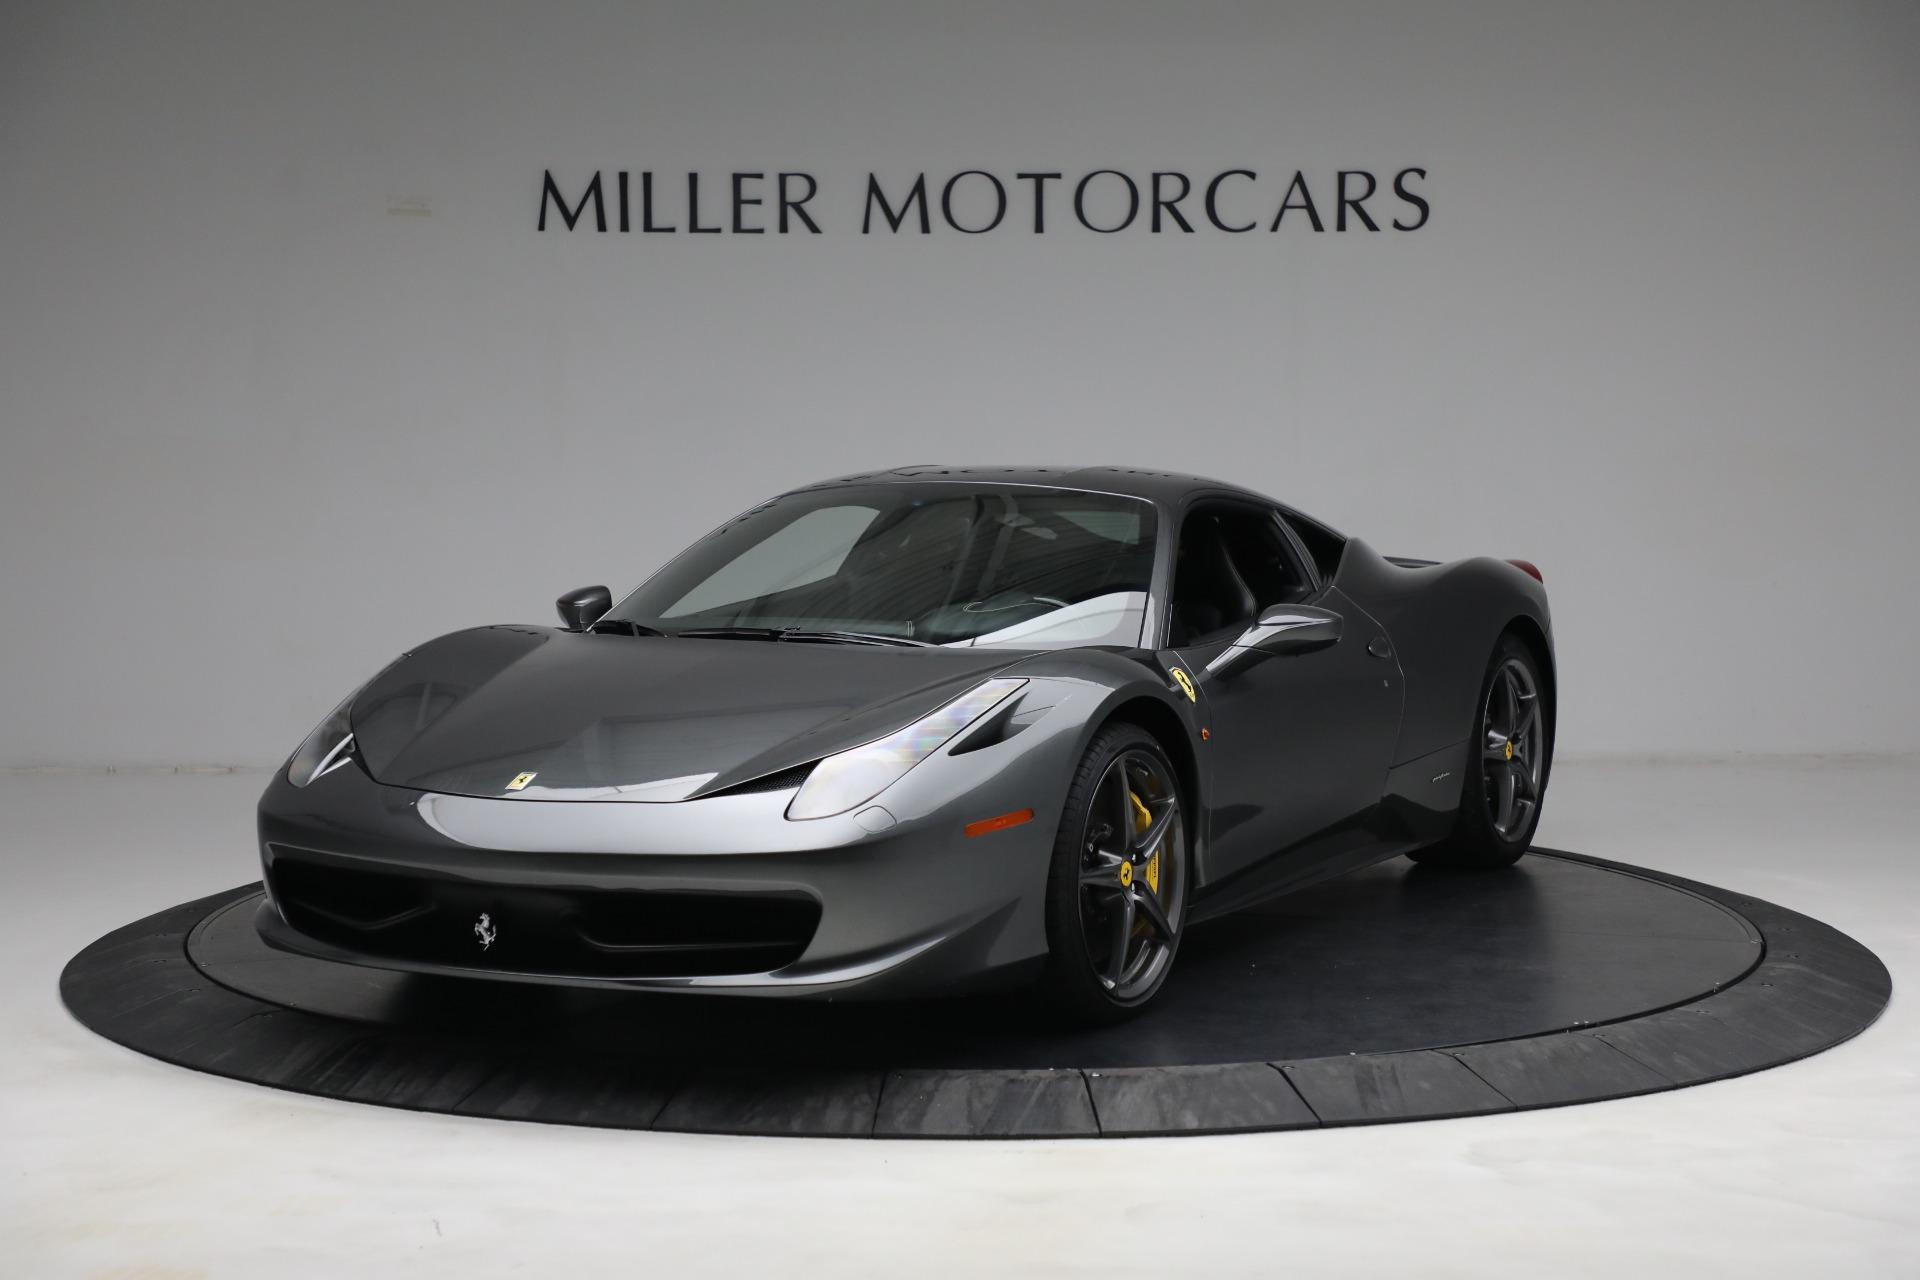 Used 2011 Ferrari 458 Italia for sale $229,900 at Aston Martin of Greenwich in Greenwich CT 06830 1